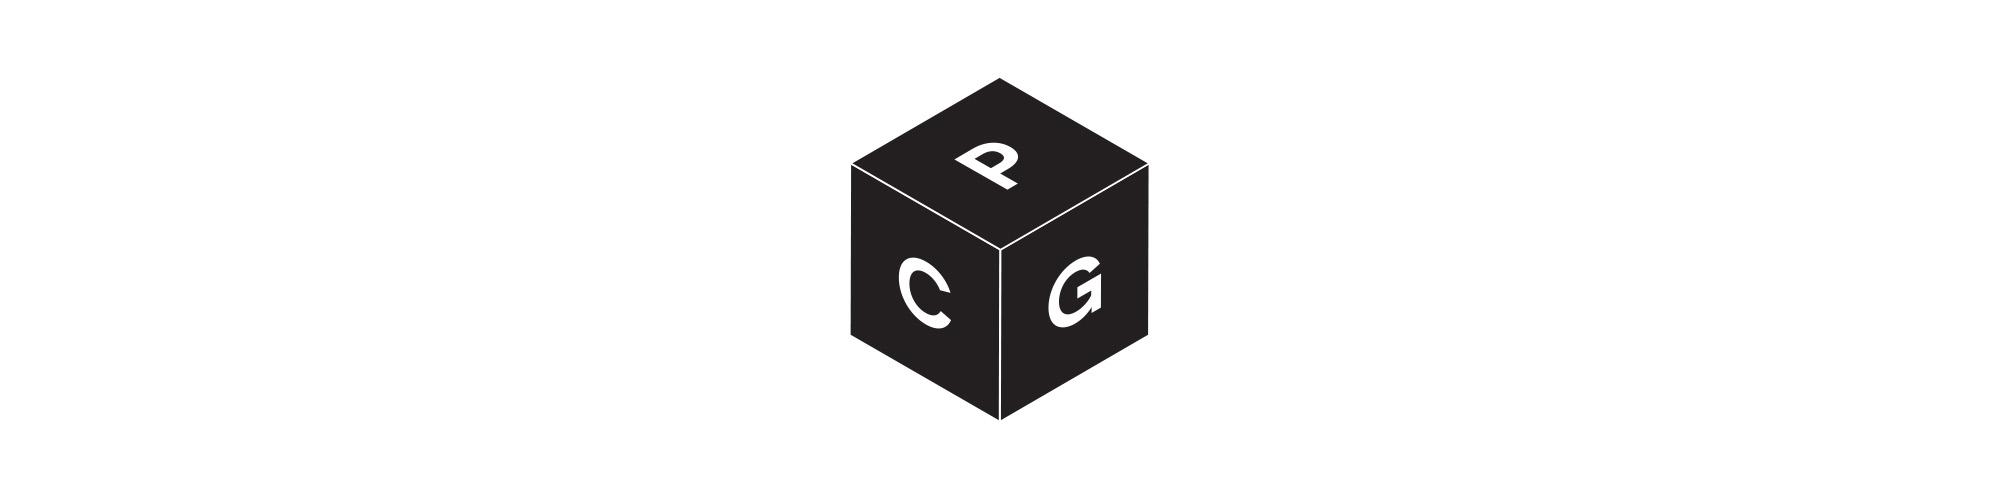 PCG-1.jpg